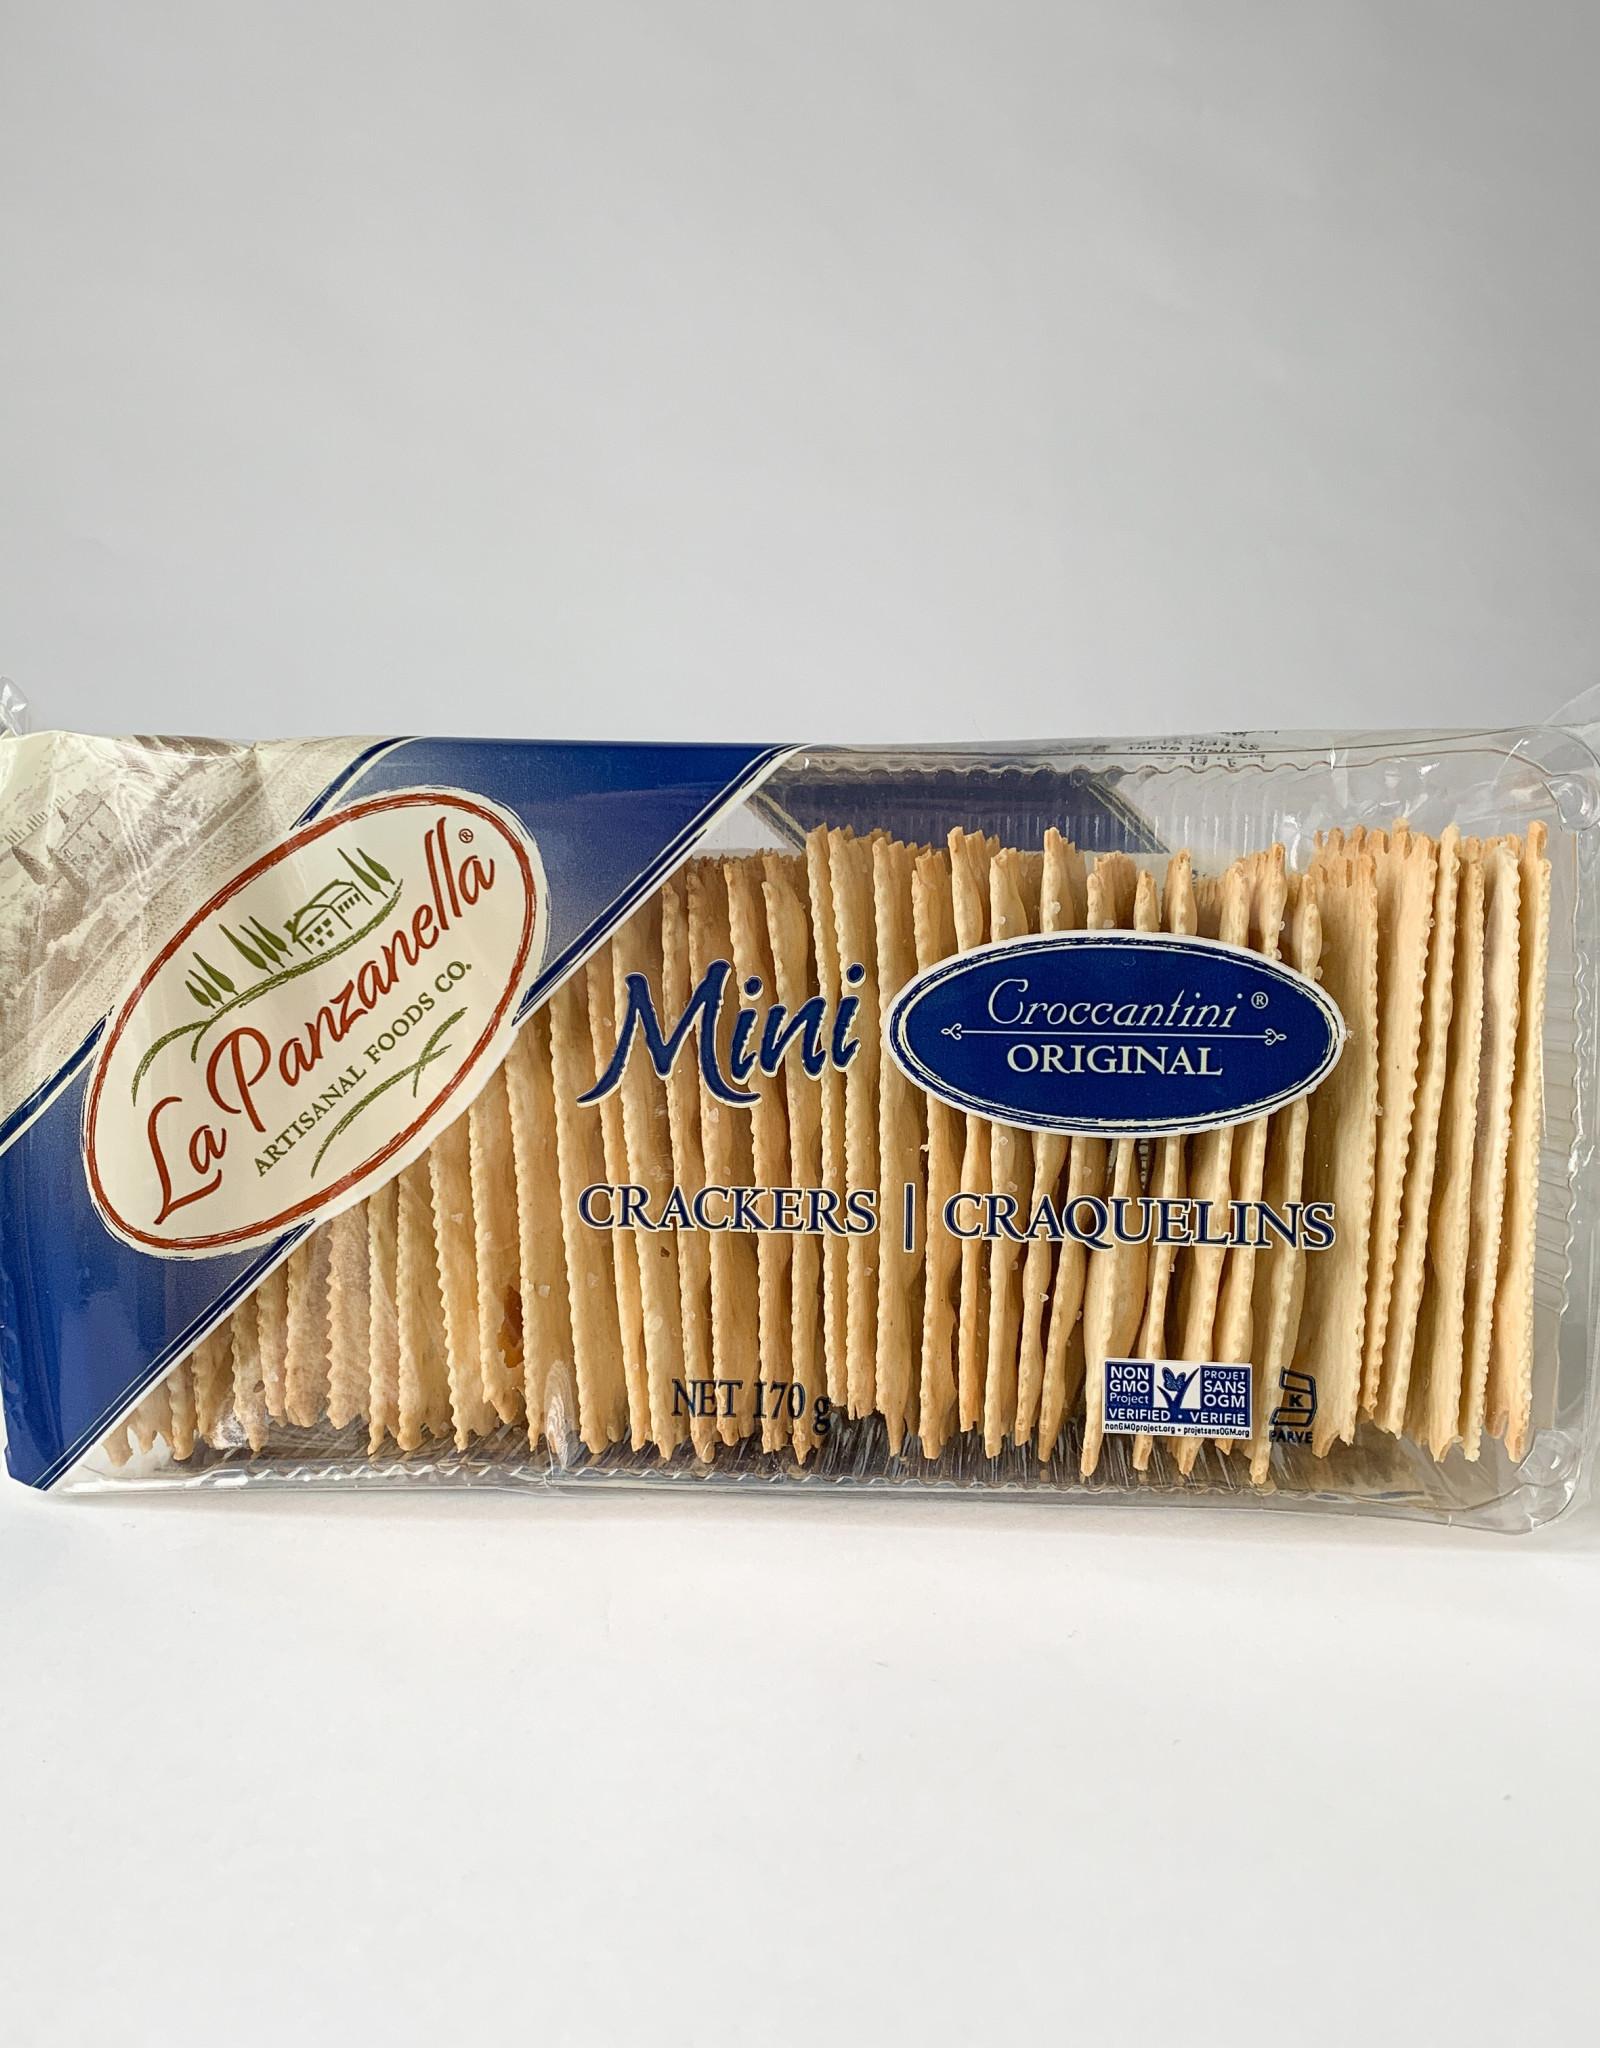 La Panzanella La Panzanella - Crackers Original